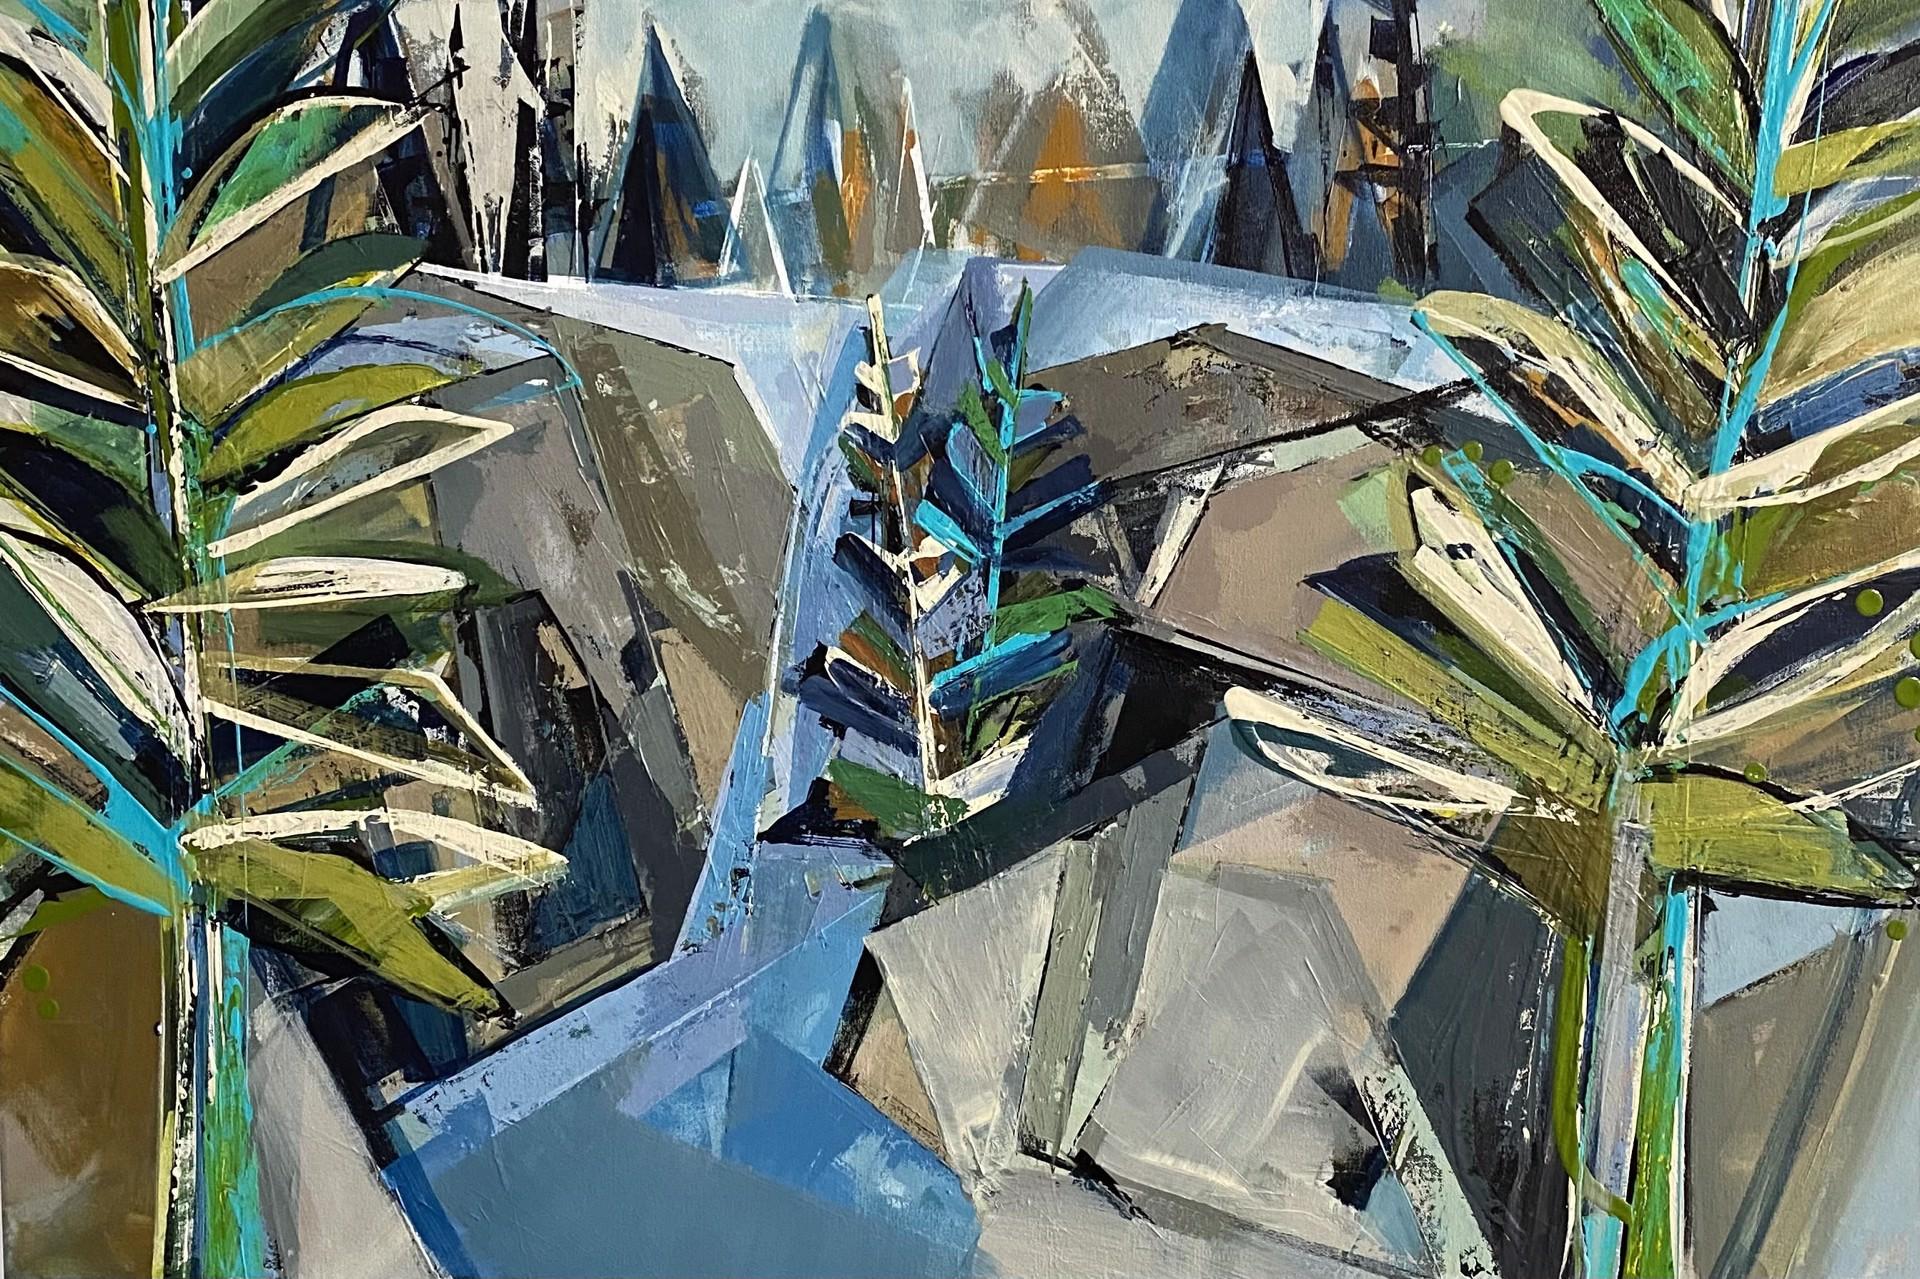 Wander & Wonder by KATIE LOIS LEAHUL